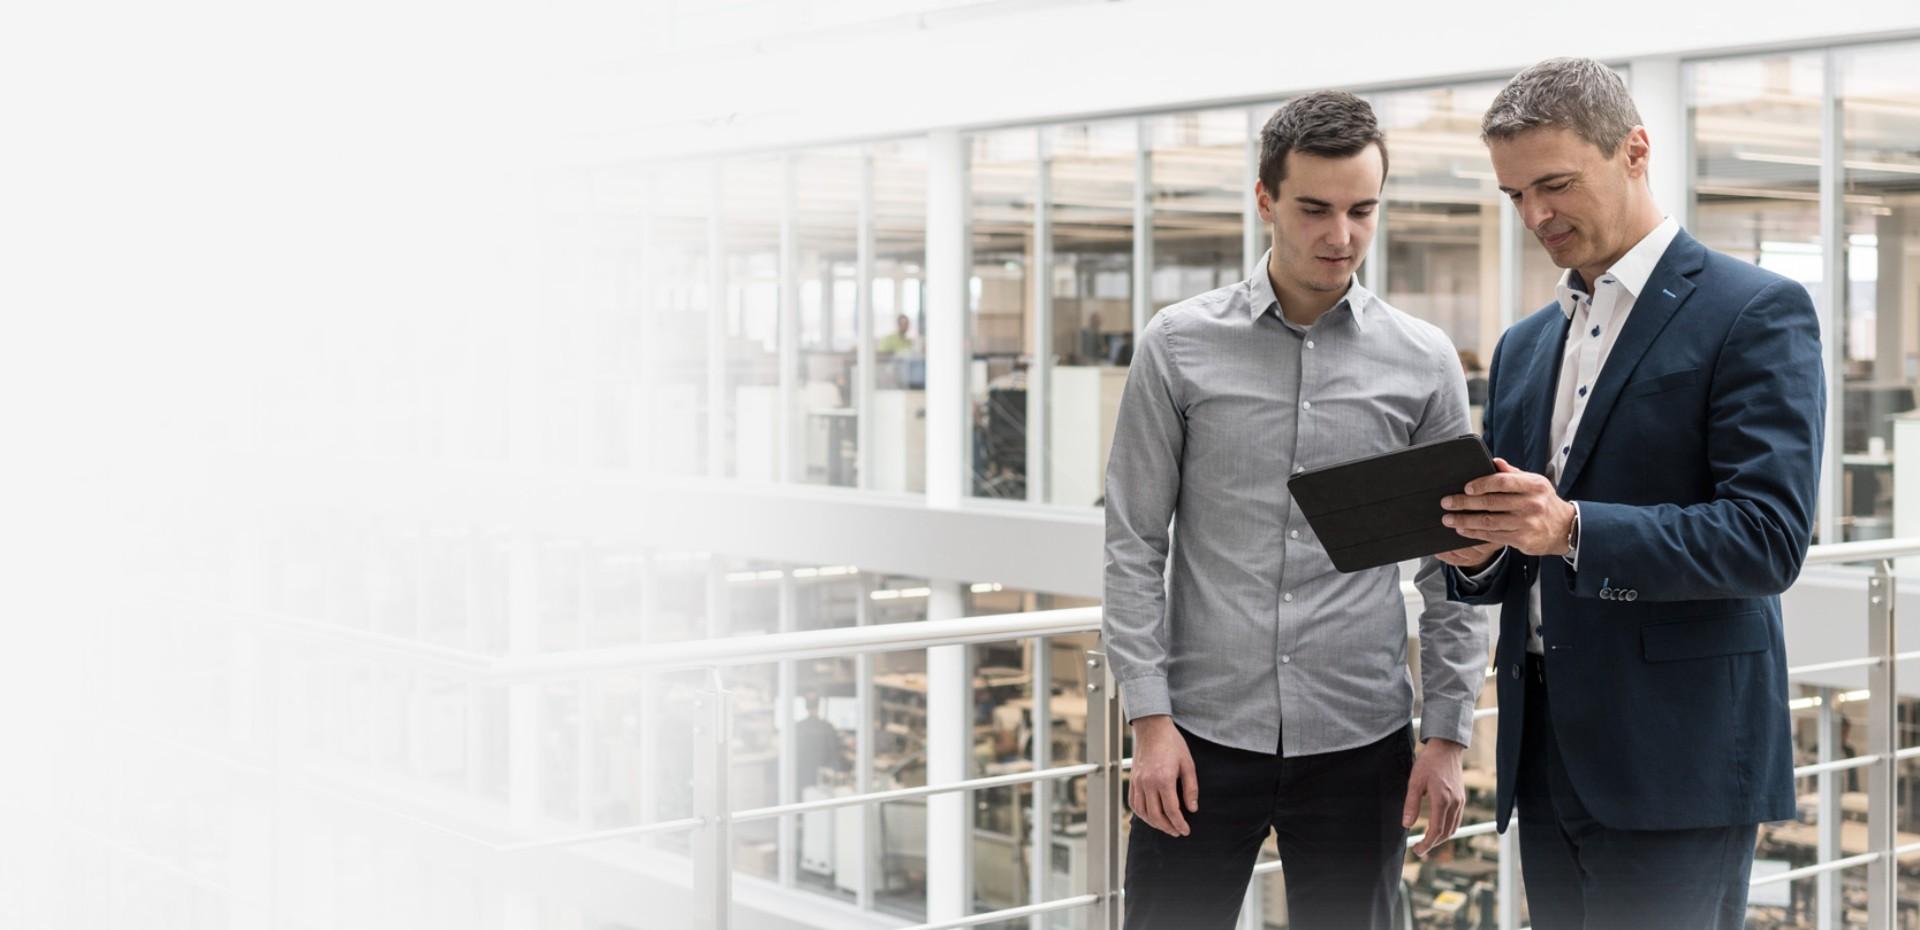 Brose IT Karriere Mitarbeiterbericht